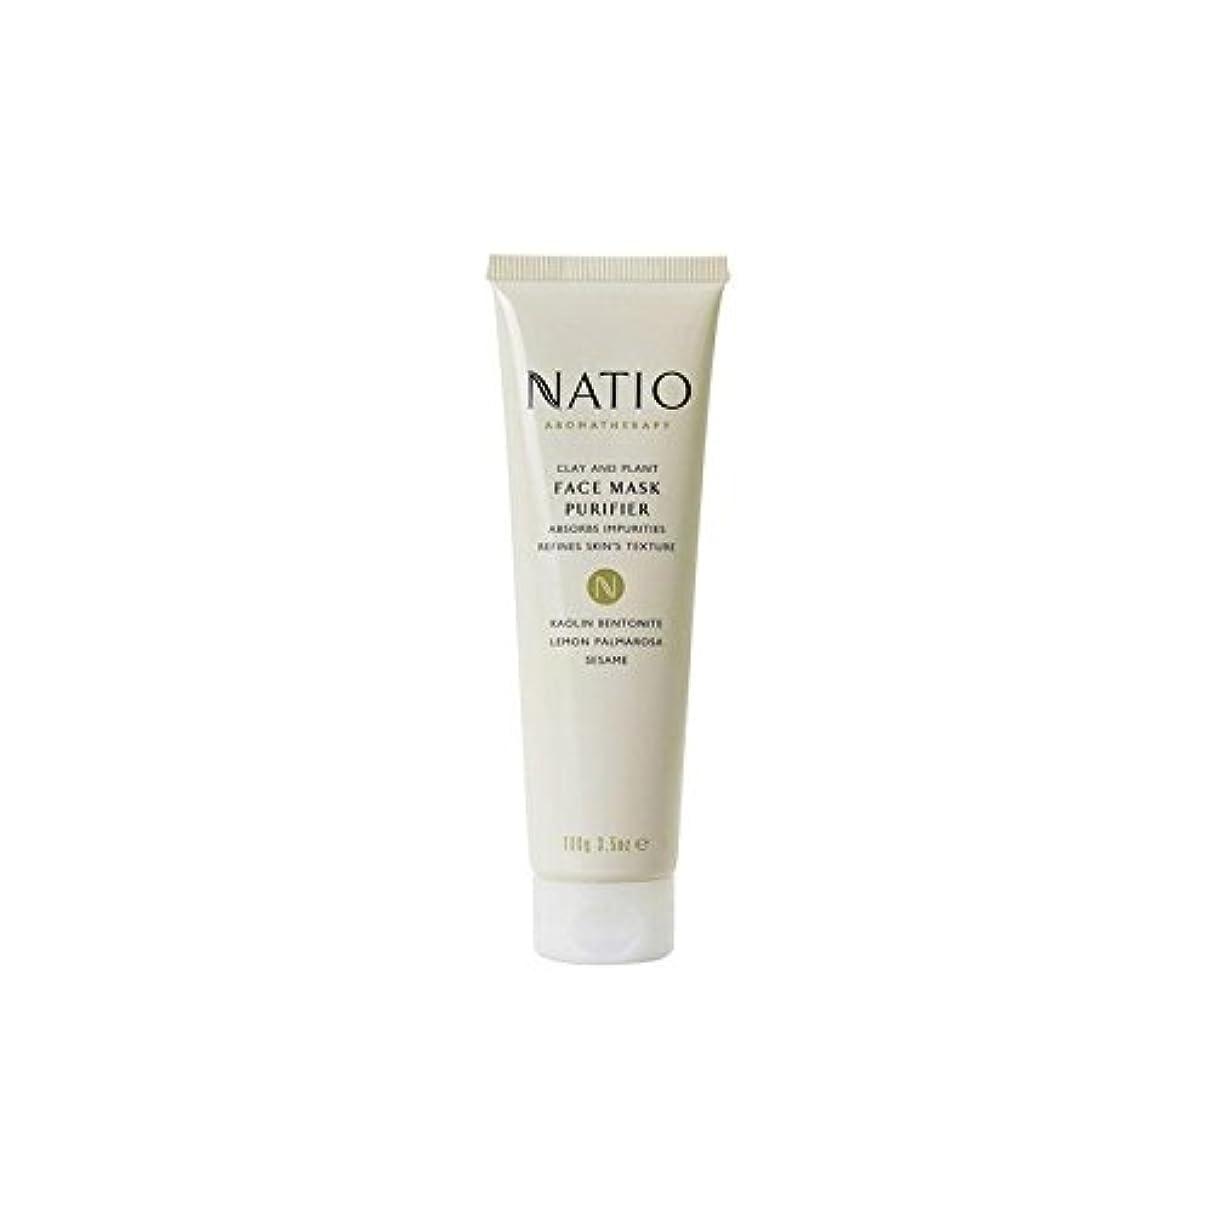 ピクニックスカーフ業界粘土&植物フェイスマスクの浄化(100グラム) x2 - Natio Clay & Plant Face Mask Purifier (100G) (Pack of 2) [並行輸入品]